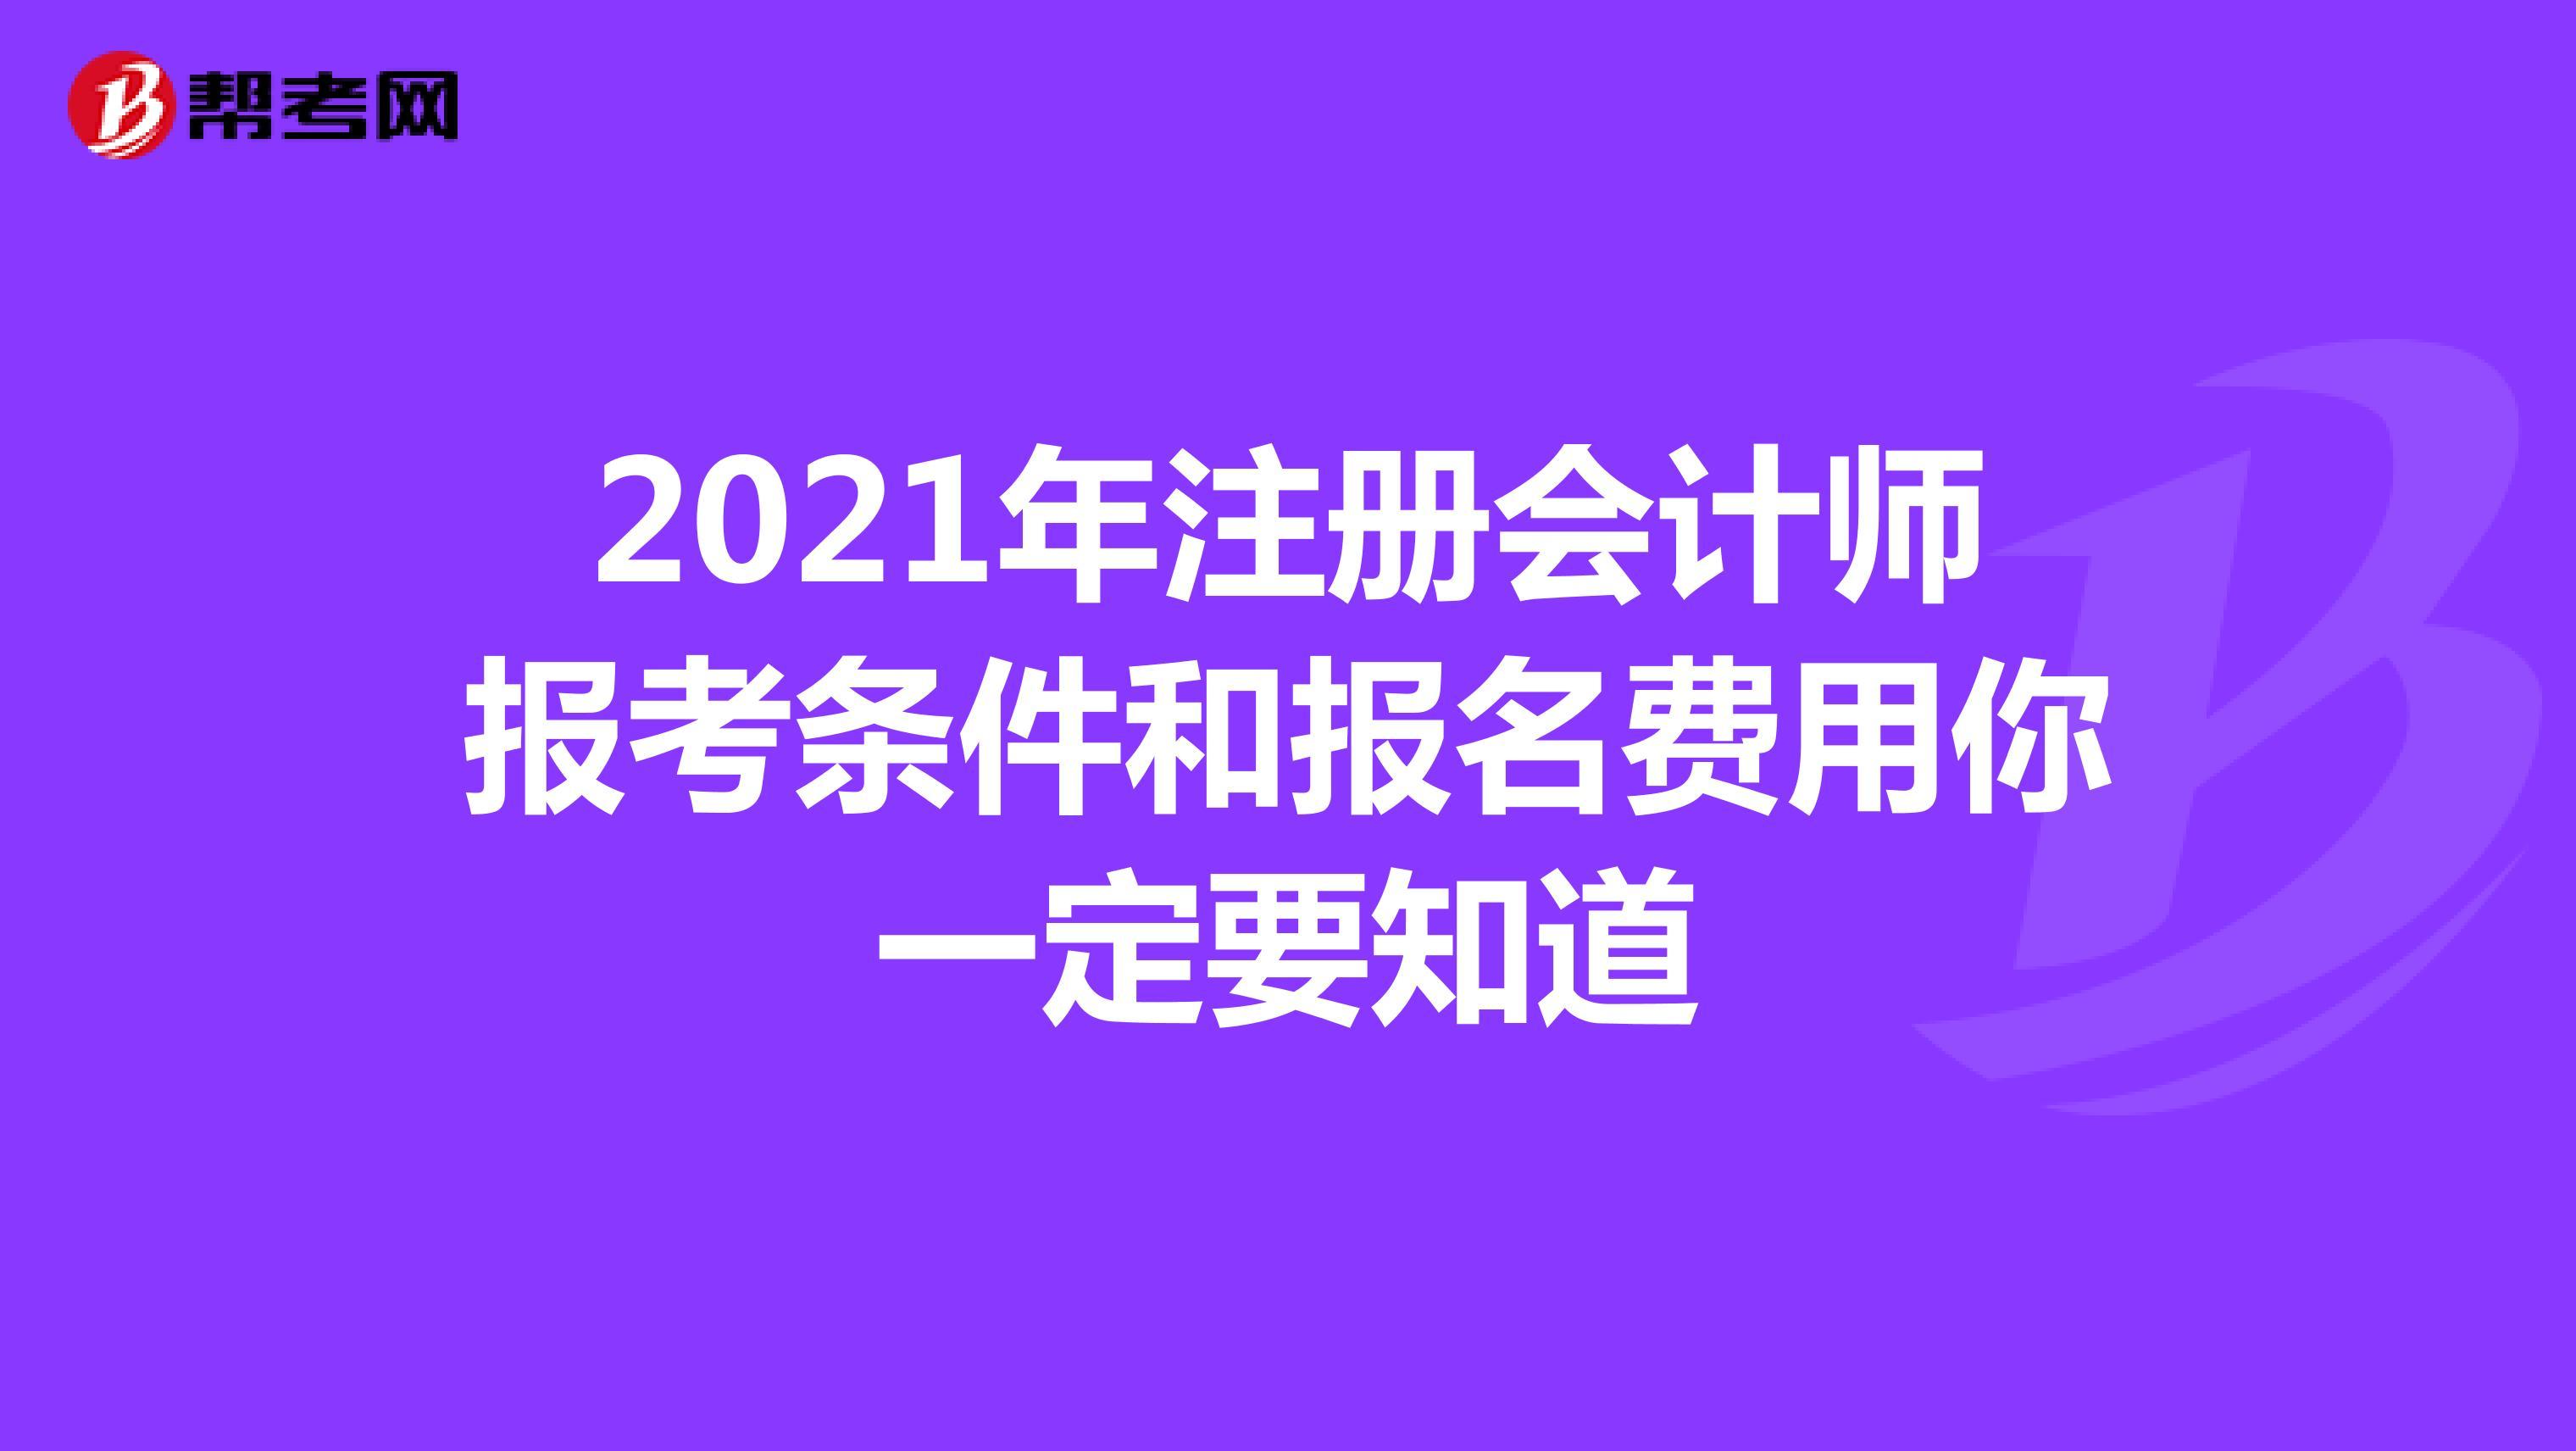 2021年注册会计师报考条件和报名费用你一定要知道